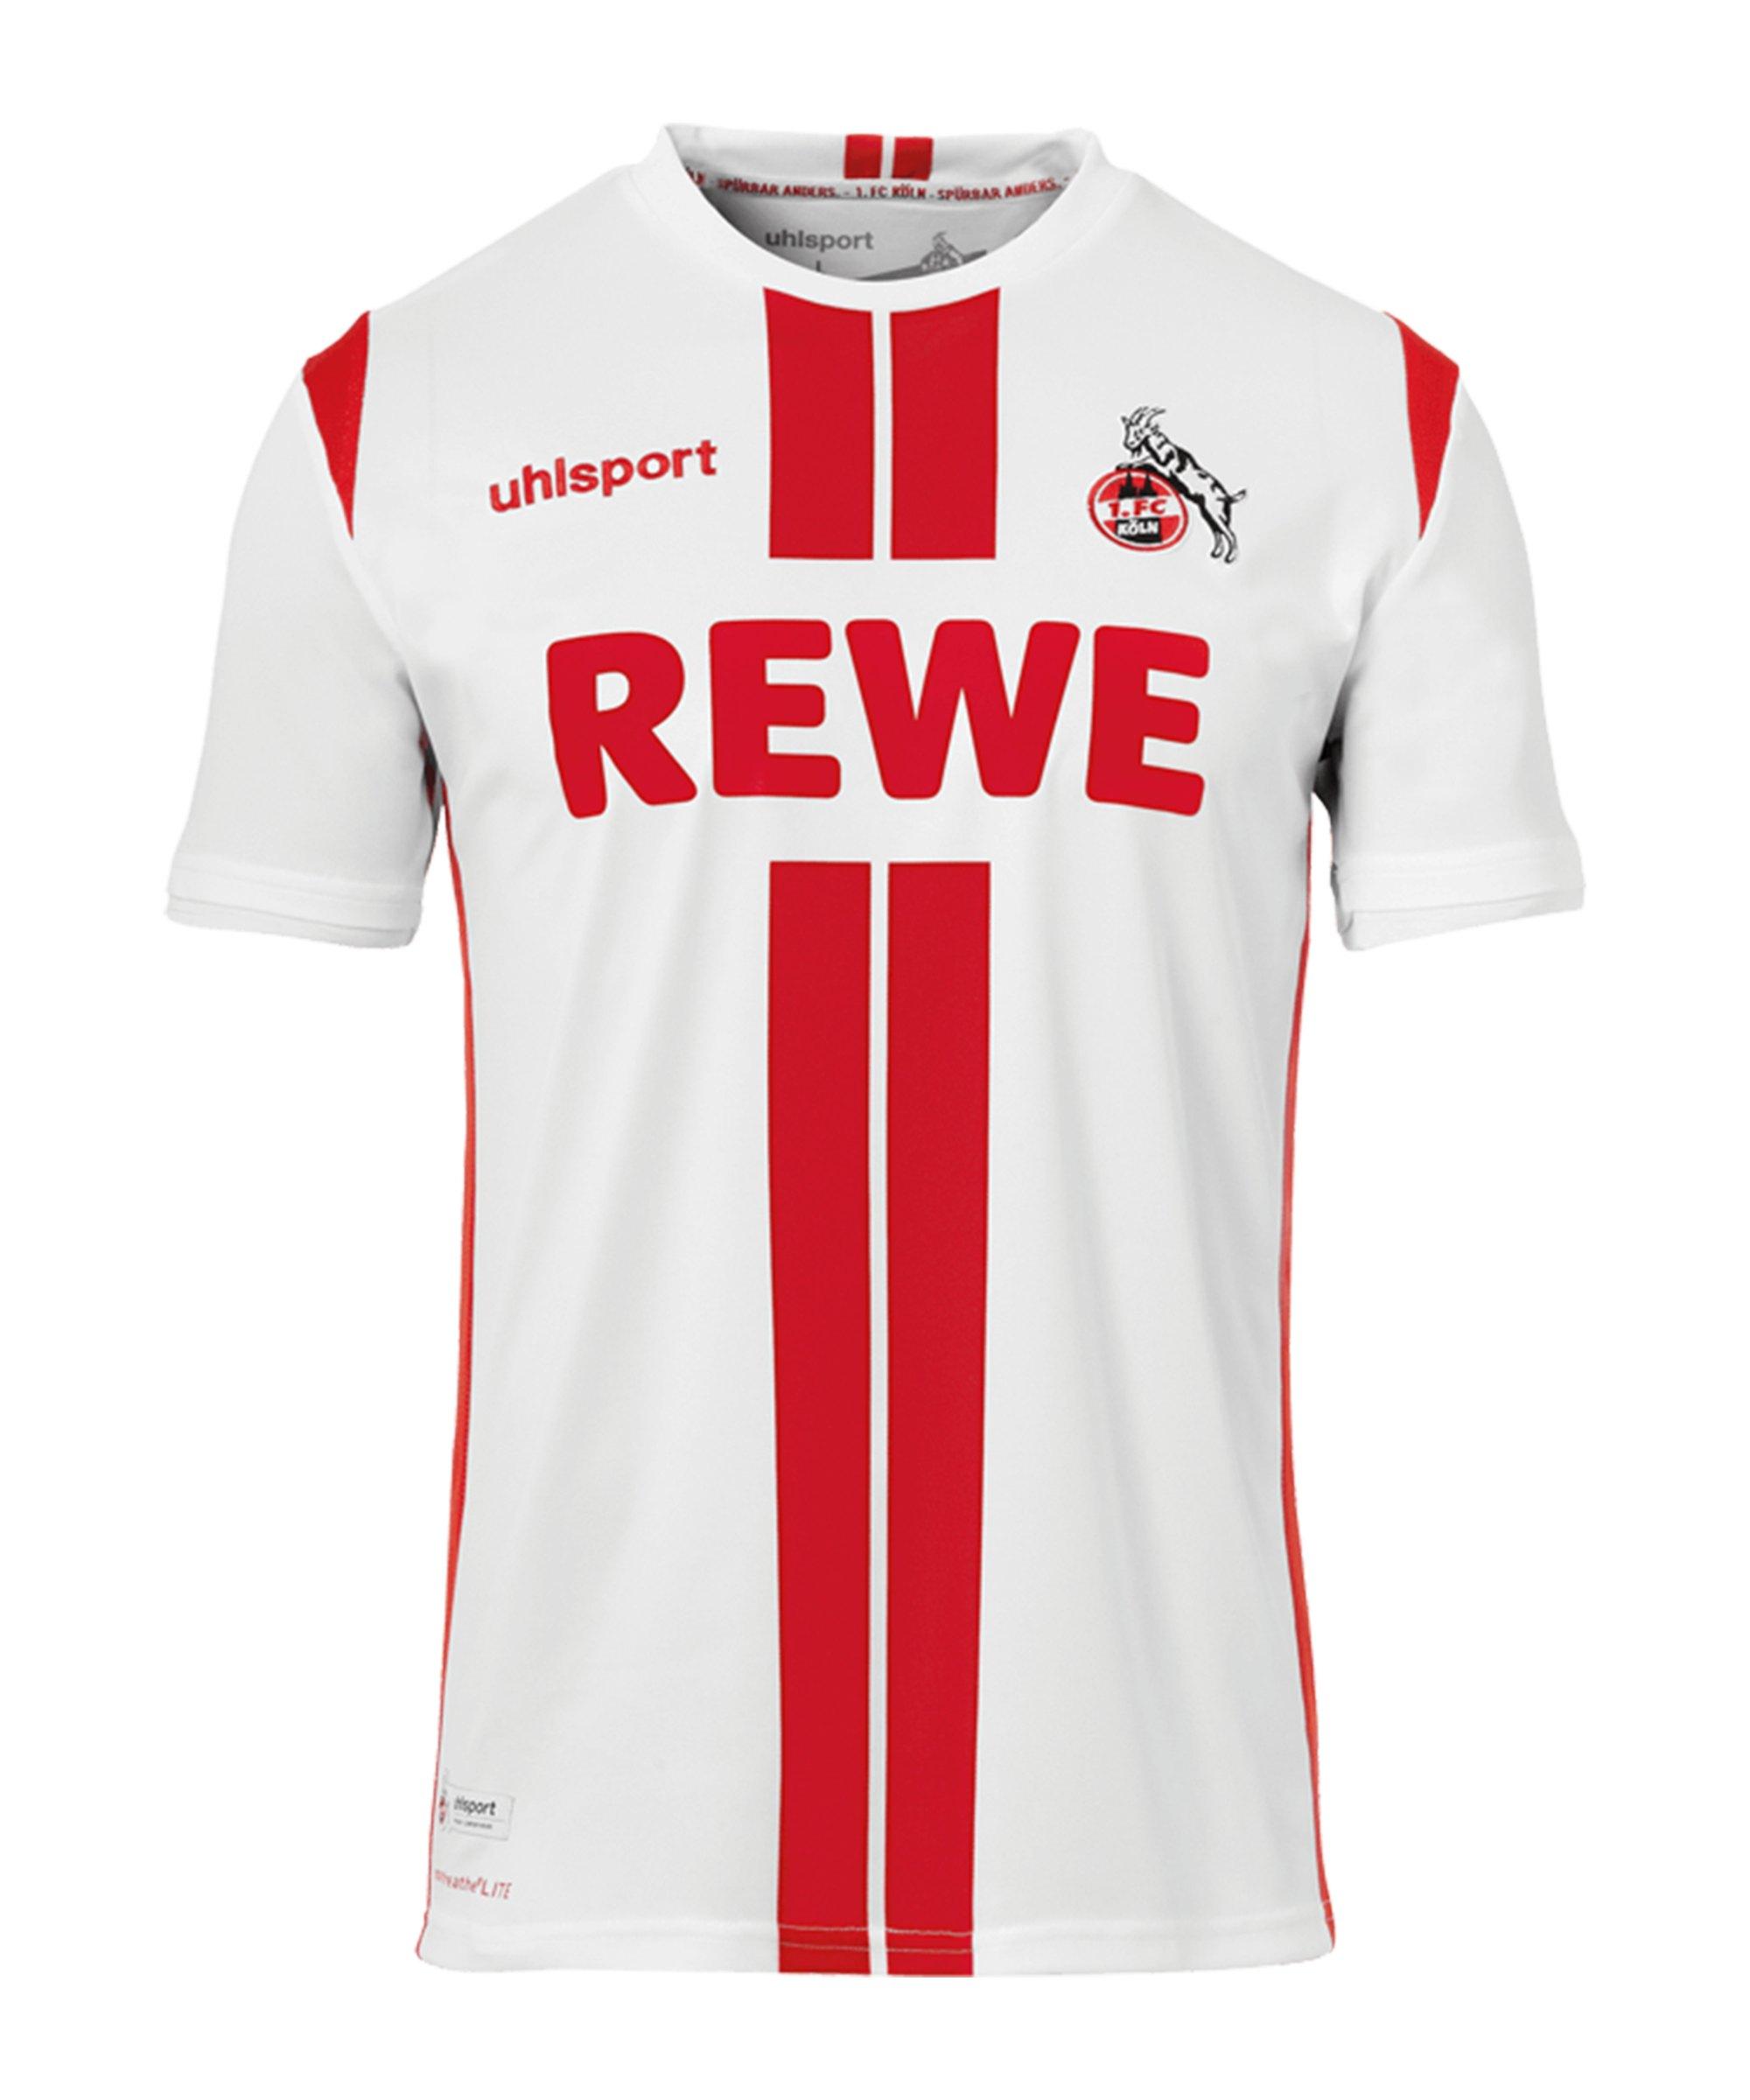 Uhlsport 1. FC Köln Trikot Home 2020/2021 Kids Weiss - rot